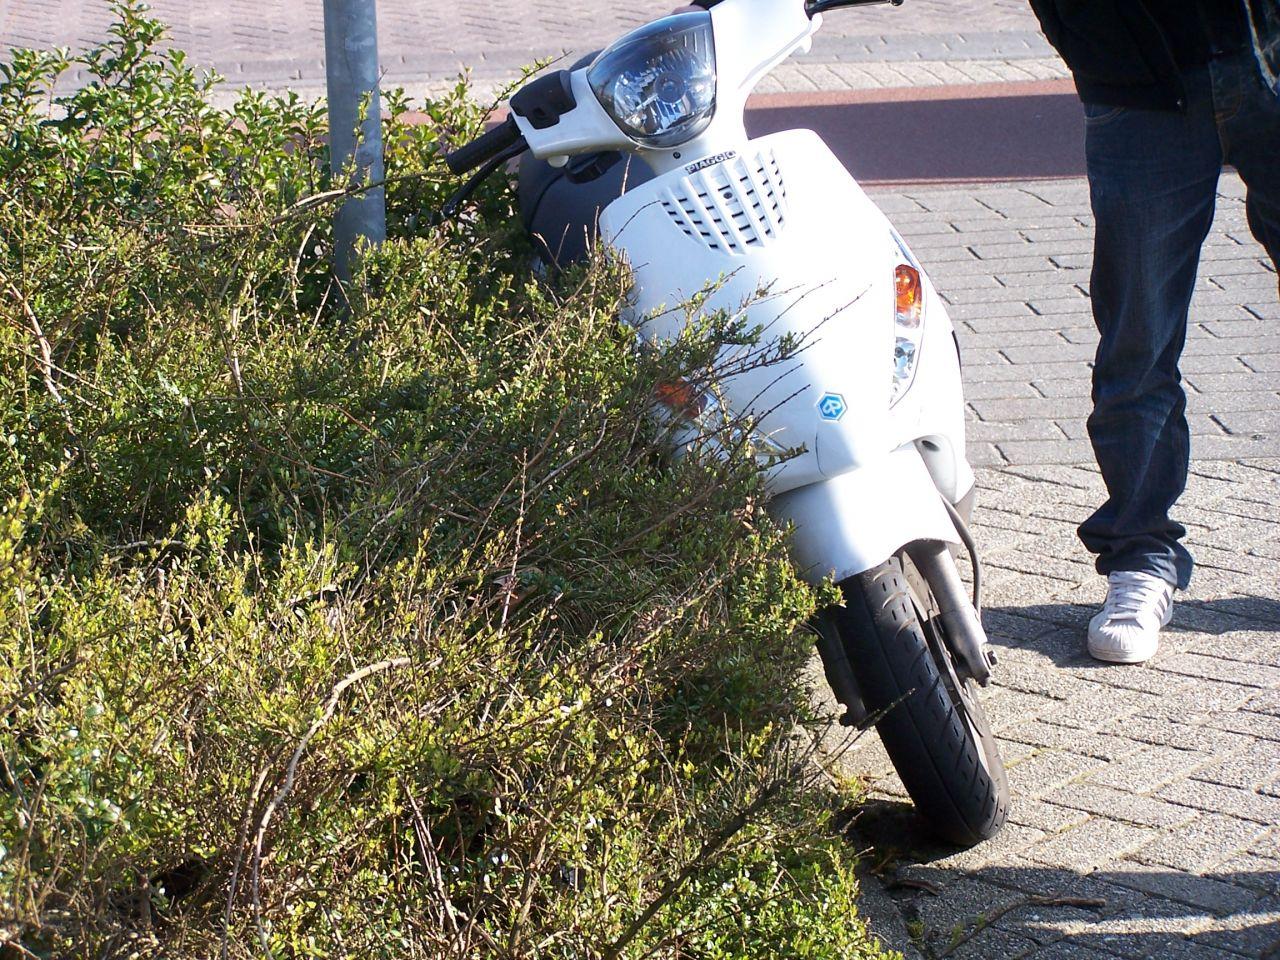 Aanrijding auto-scooter